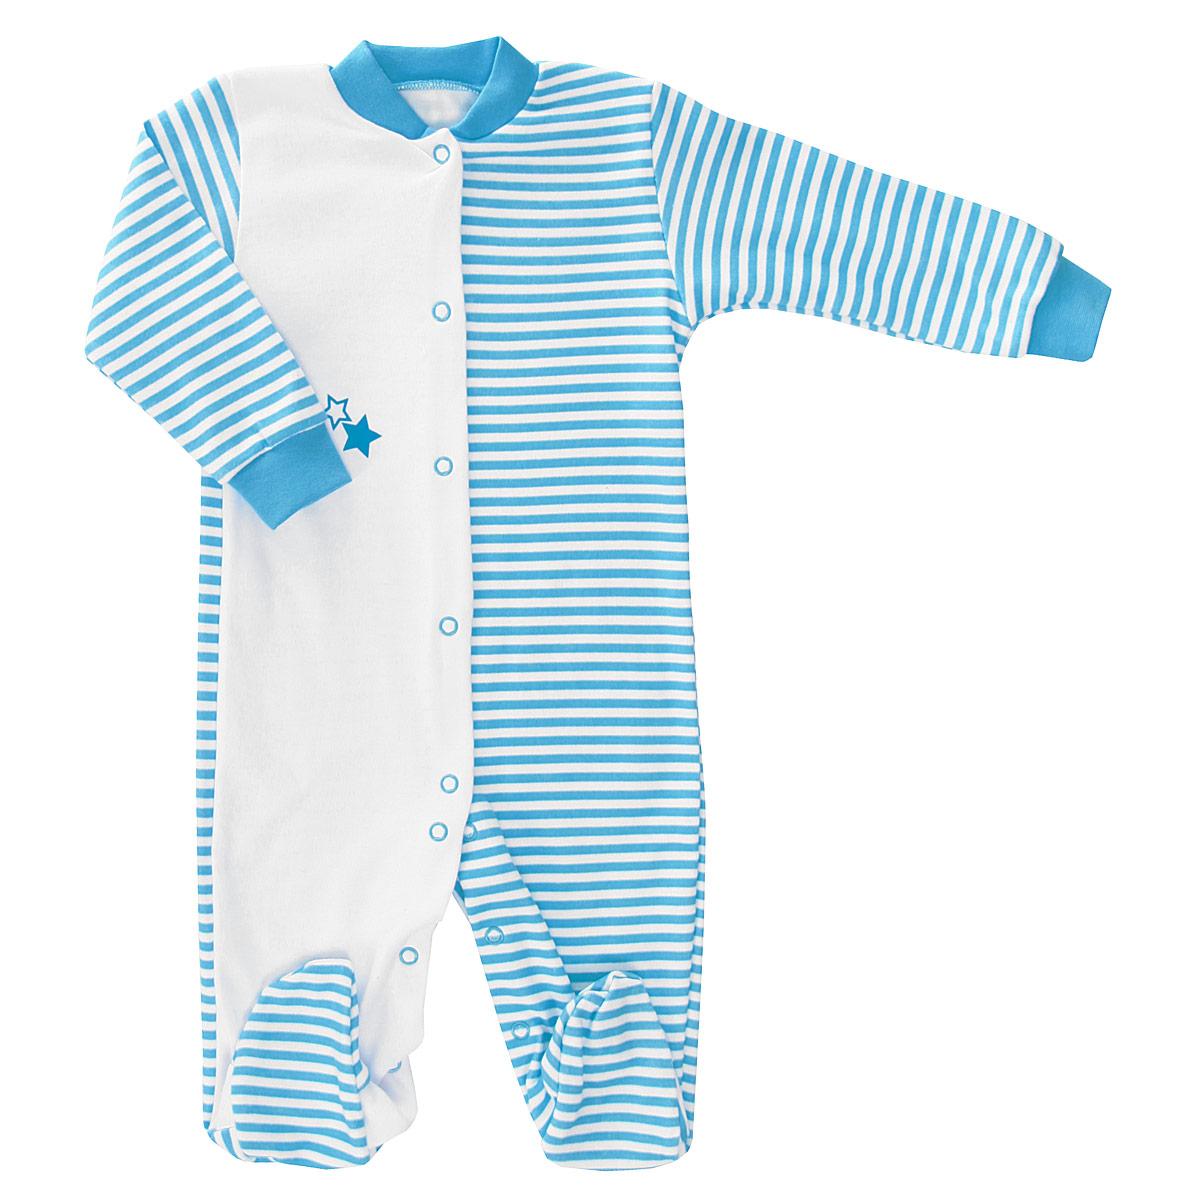 Комбинезон для мальчика КотМарКот, цвет: белый, бирюзовый. 3646. Размер 803646Детский комбинезон для мальчика КотМарКот - очень удобный и практичный вид одежды для малыша. Комбинезон выполнен из интерлока (натурального хлопка), благодаря чему он необычайно мягкий и приятный на ощупь, не раздражает нежную кожу ребенка и хорошо вентилируется, а эластичные швы приятны телу младенца и не препятствуют его движениям. Комбинезон с длинными рукавами и закрытыми ножками имеет застежки-кнопки от горловины до щиколоток, которые помогают легко переодеть ребенка или сменить подгузник. Рукава дополнены широкими контрастными трикотажными манжетами, которые мягко обхватывают запястья, горловина дополнена небольшим трикотажным воротничком контрастного цвета.Модель оформлена принтом в полоску. Одна передняя полочка однотонная и декорирована изображением звездочек. С таким детским комбинезоном спинка и ножки вашего малыша всегда будут в тепле, он идеален для использования днем и незаменим ночью. Комбинезон полностью соответствует особенностям жизни младенца в ранний период, не стесняя и не ограничивая его в движениях!